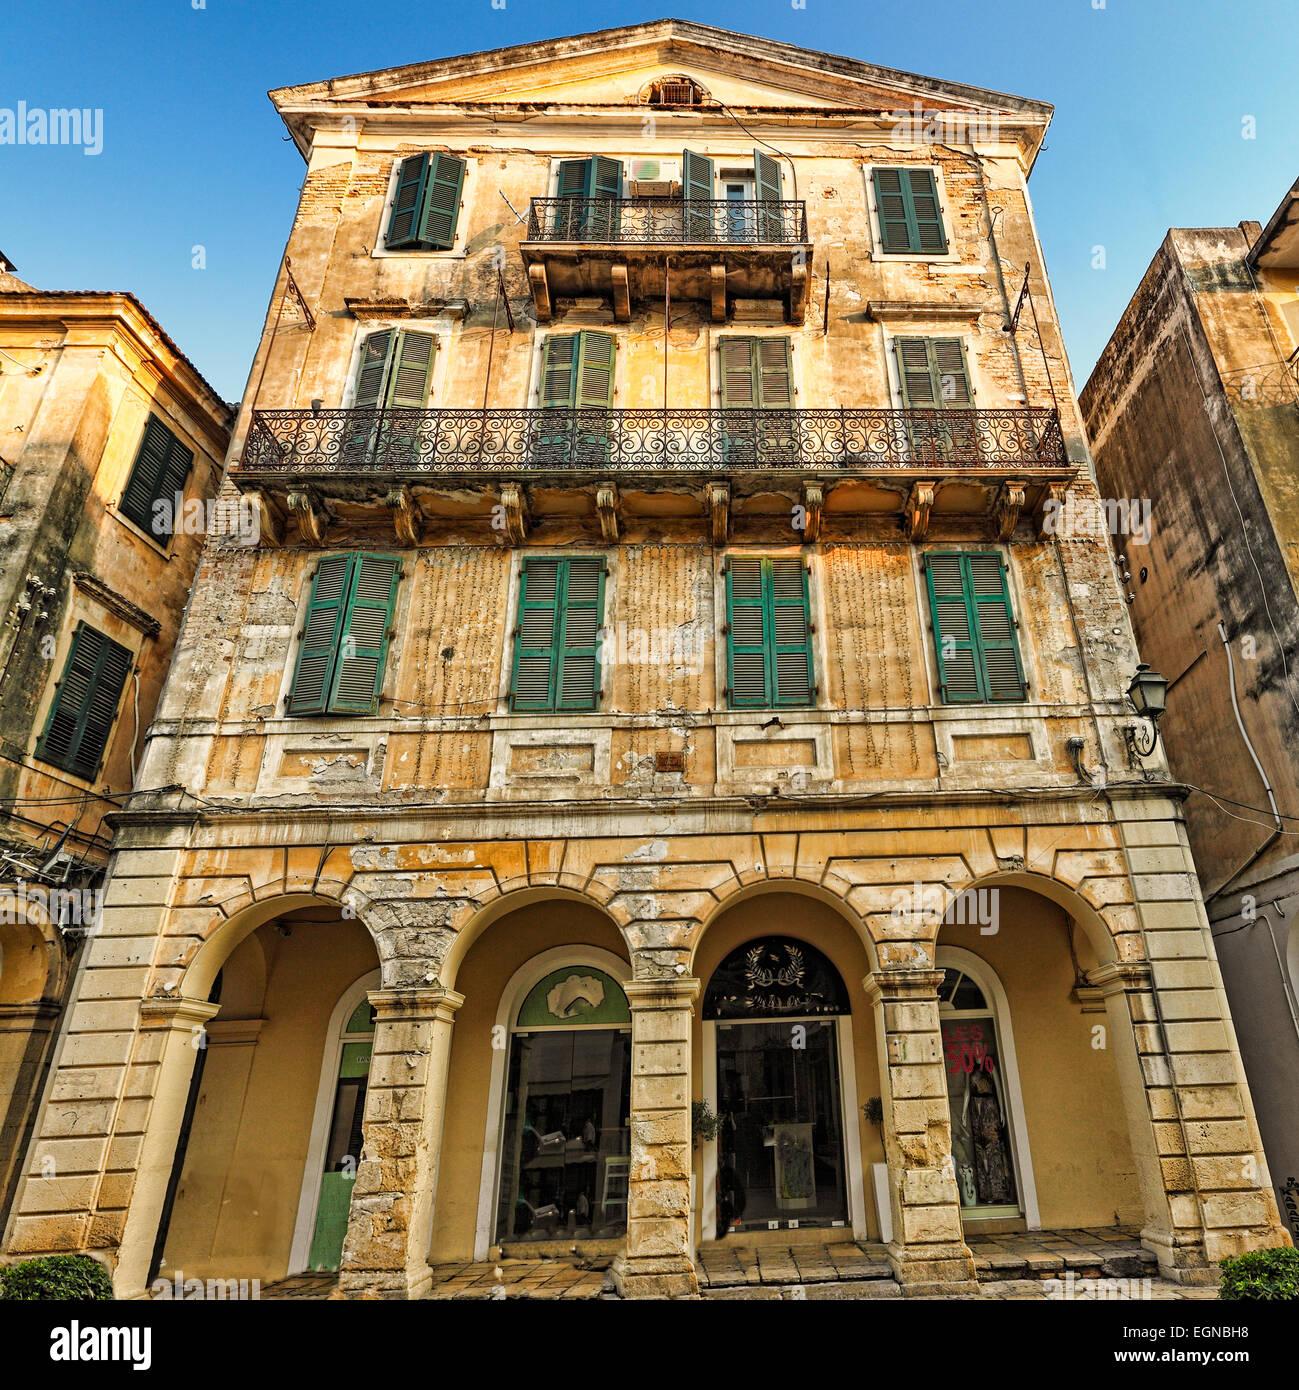 Un edificio en el casco antiguo de la ciudad de Corfú, Grecia Imagen De Stock